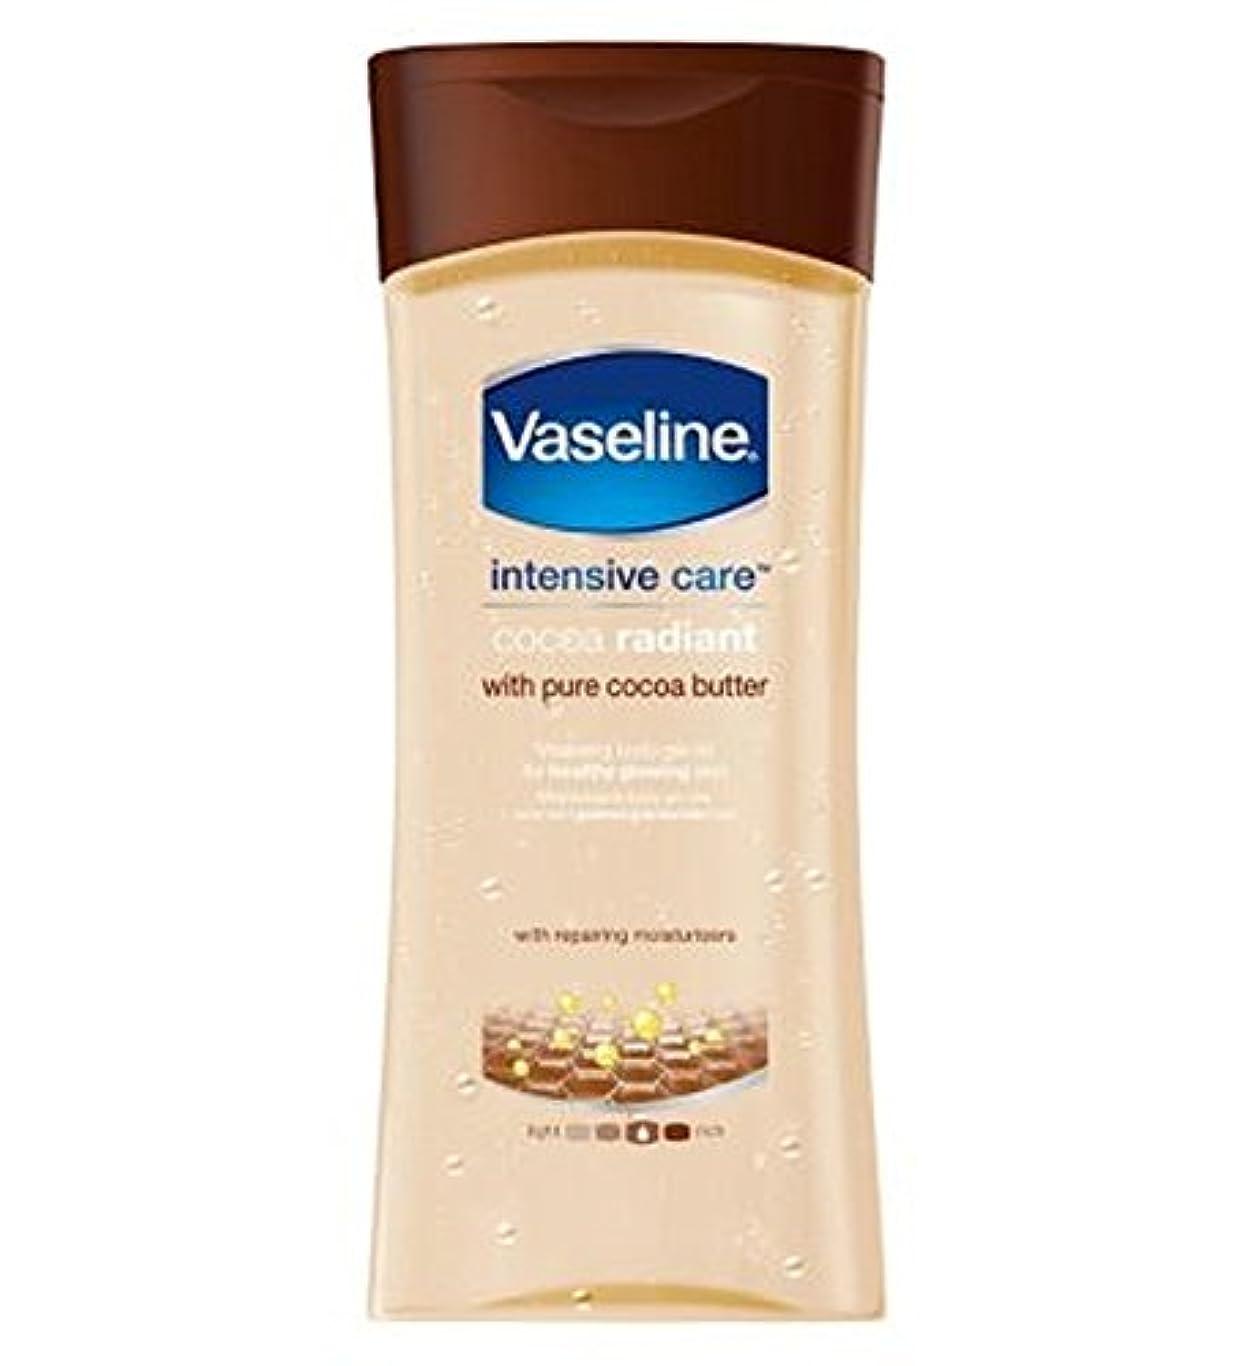 抵抗ウール遠近法Vaseline Intensive Care Cocoa Gel Oil 200ml - ワセリン集中治療ココアゲルオイル200ミリリットル (Vaseline) [並行輸入品]